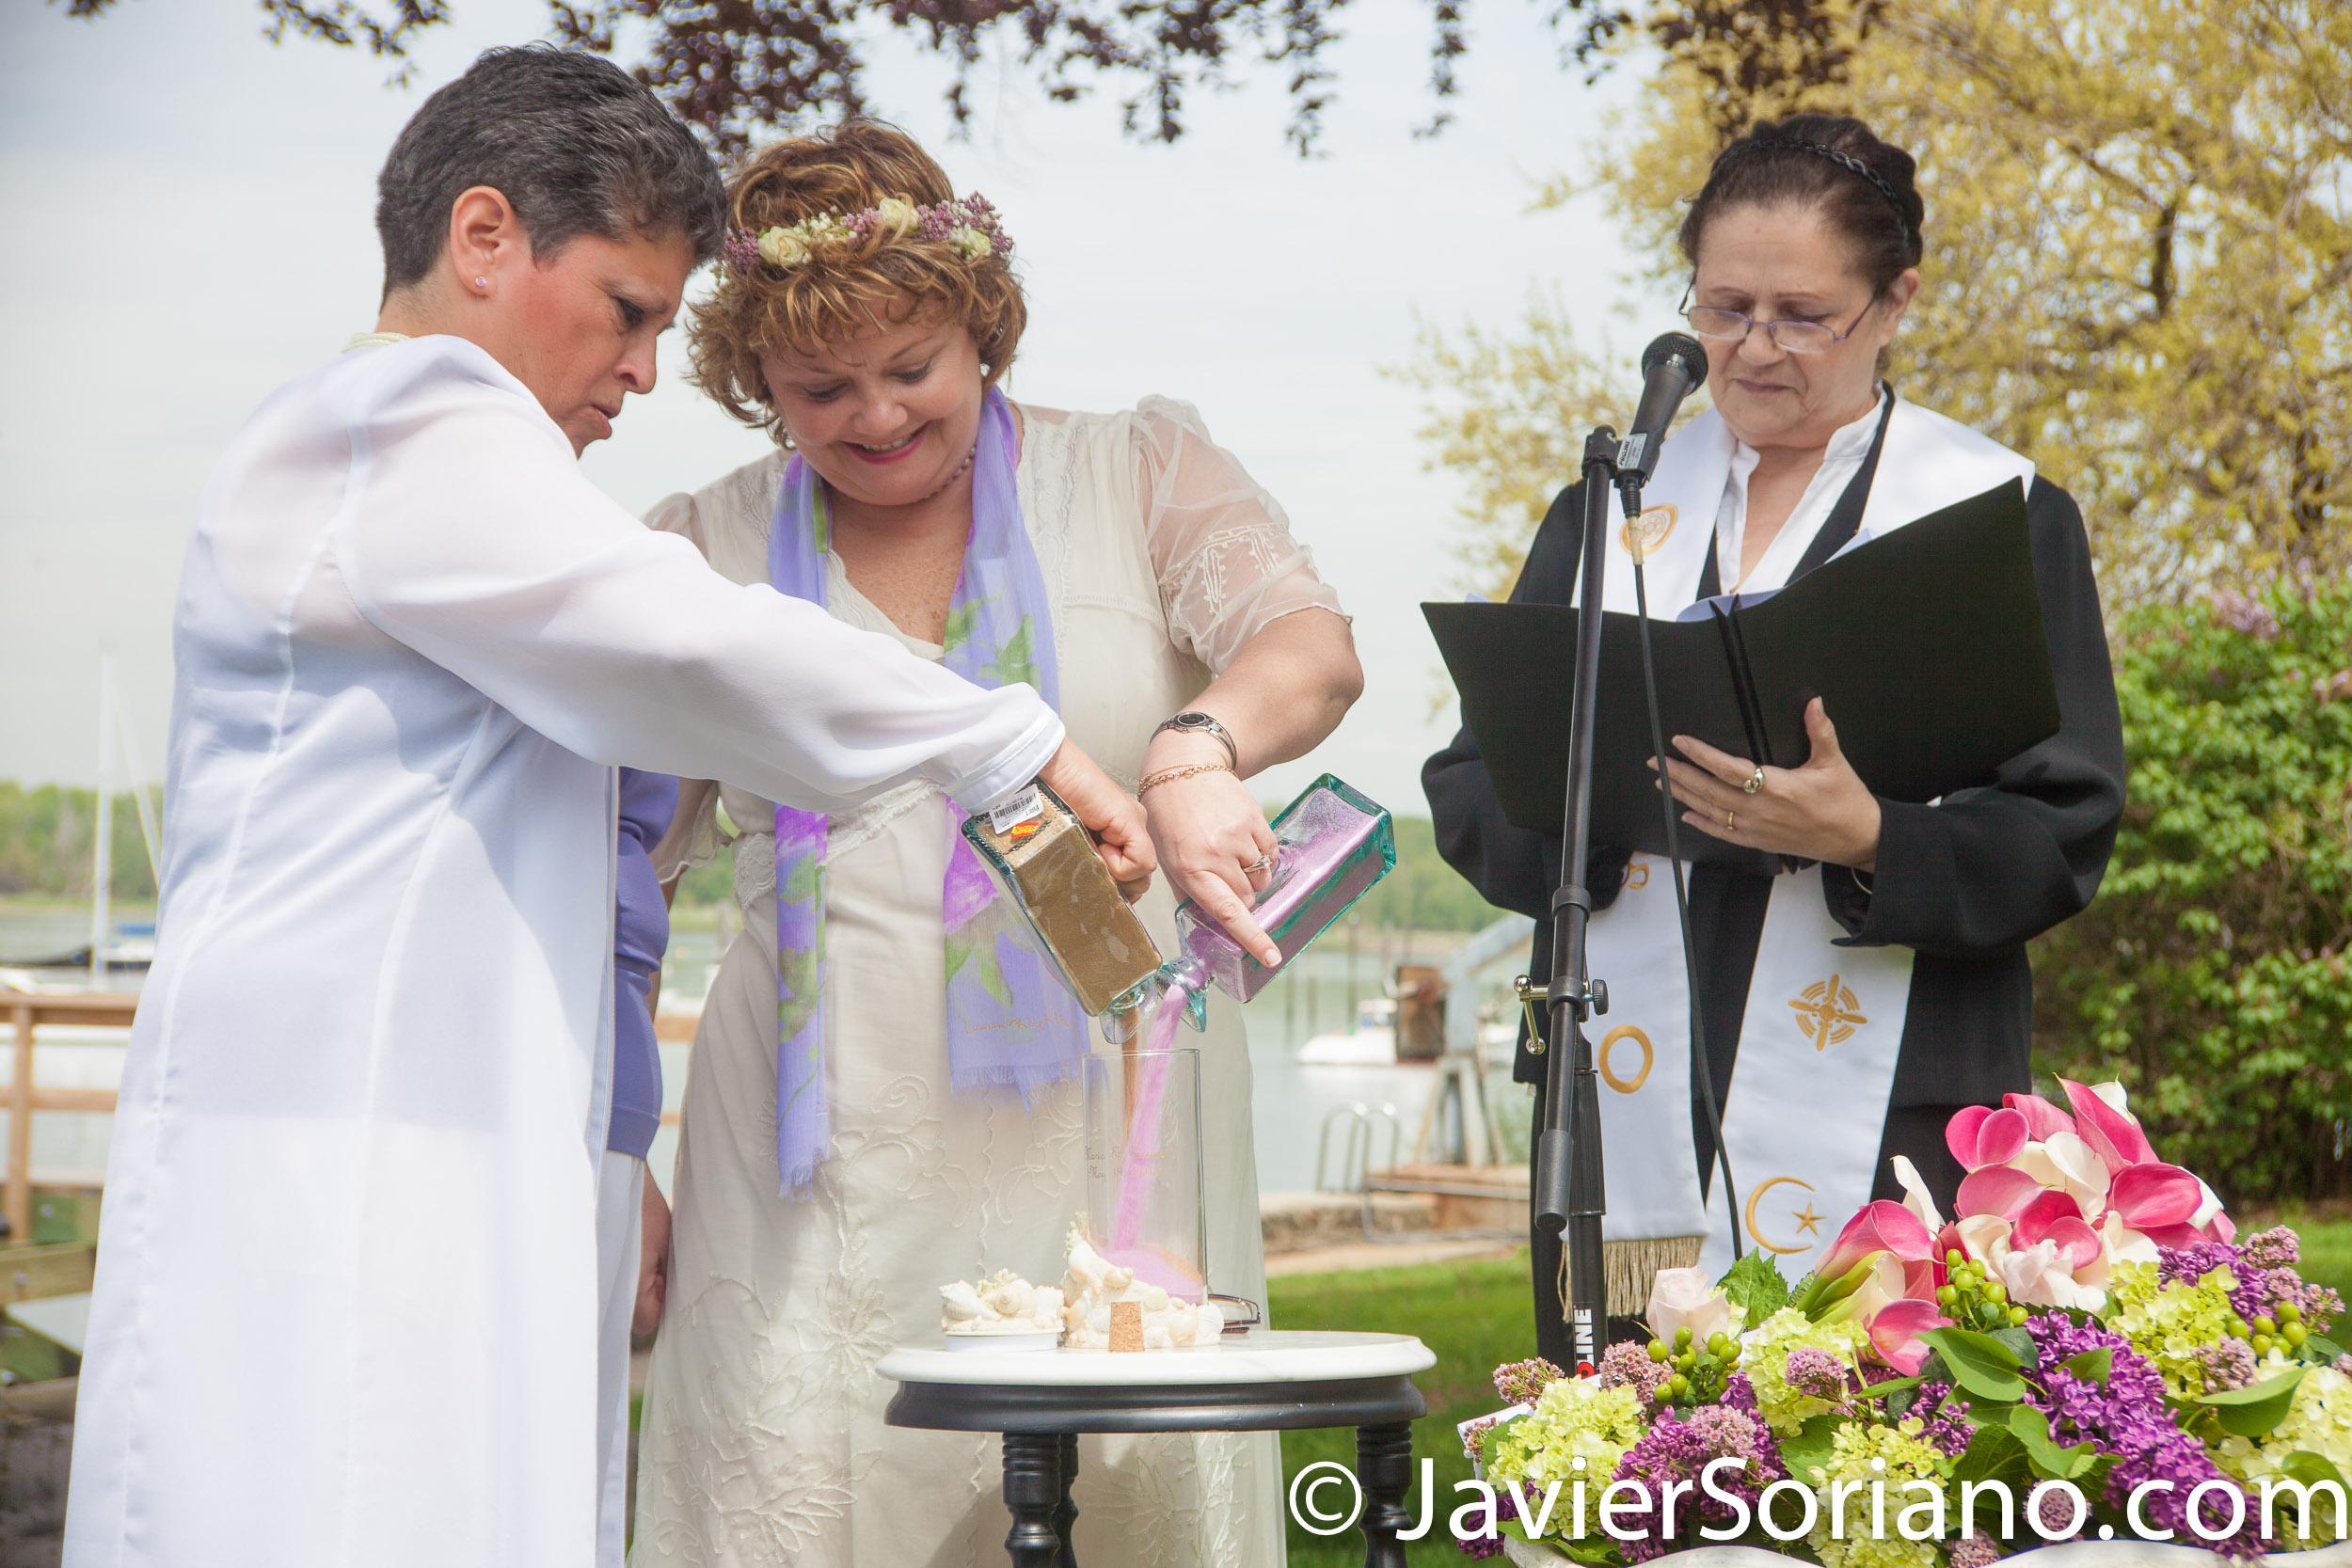 A same sex wedding. A lesbian couple on their wedding day. Una boda del mismo sexo. Una pareja de lesbianas en el día de su boda. Photo by Javier Soriano/www.JavierSoriano.com